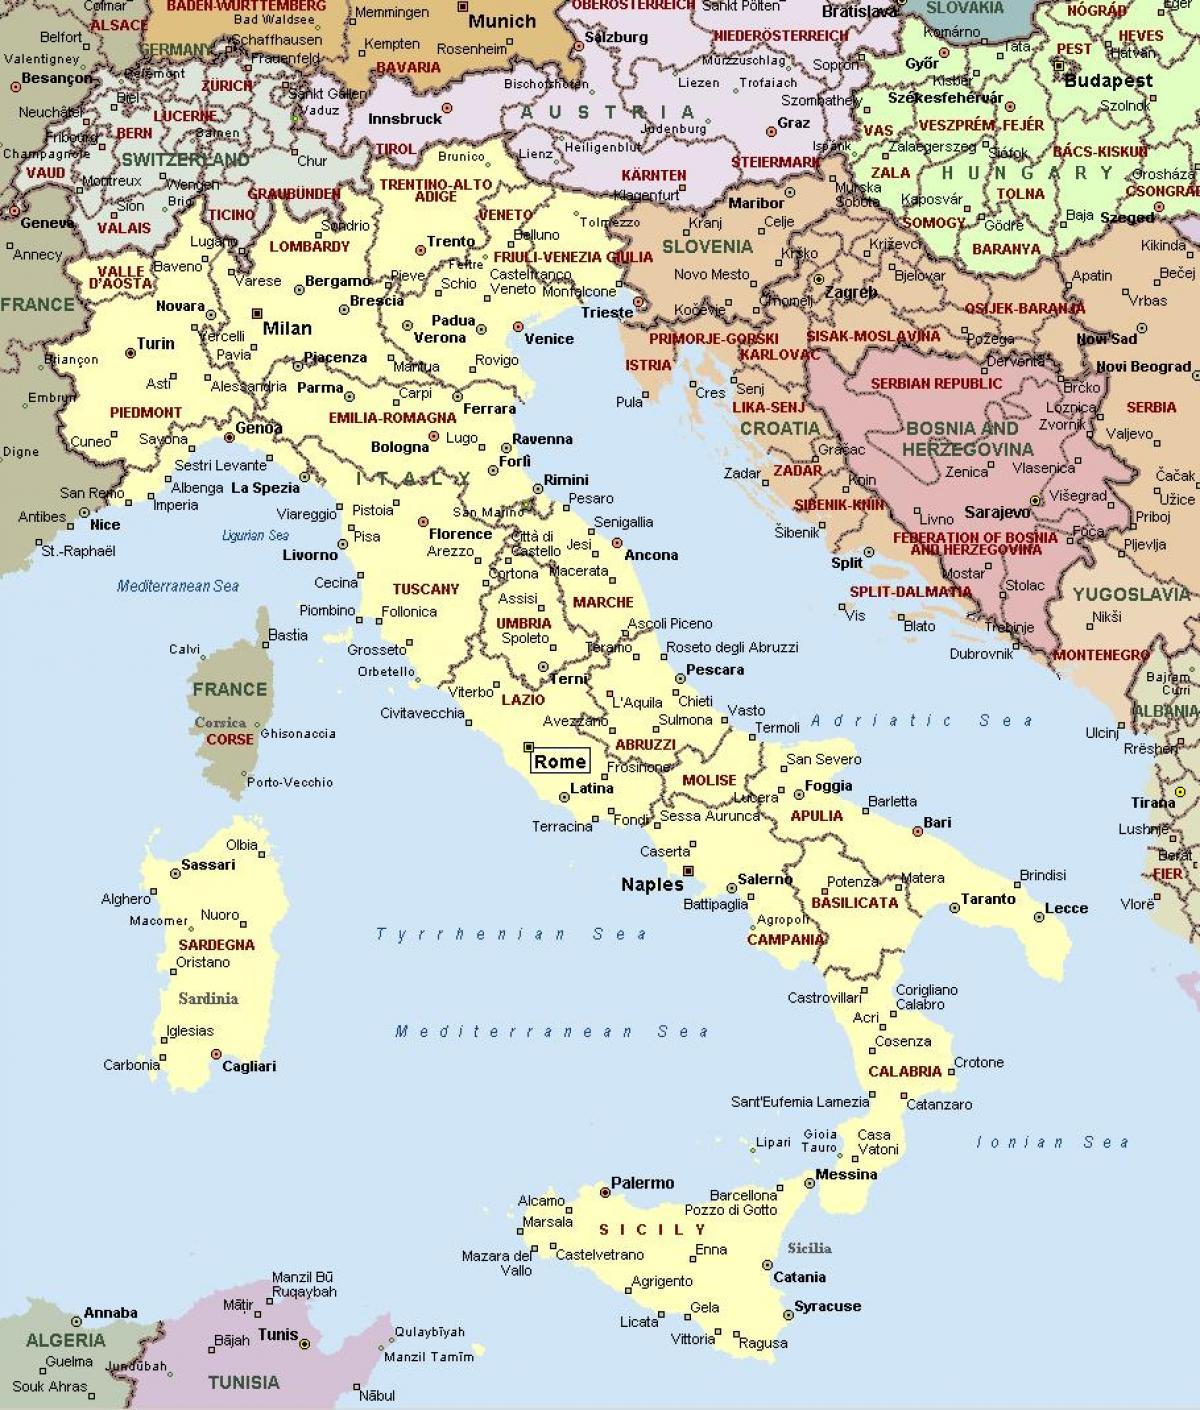 Store Kort Over Italien Kort Over Italien Stor Det Sydlige